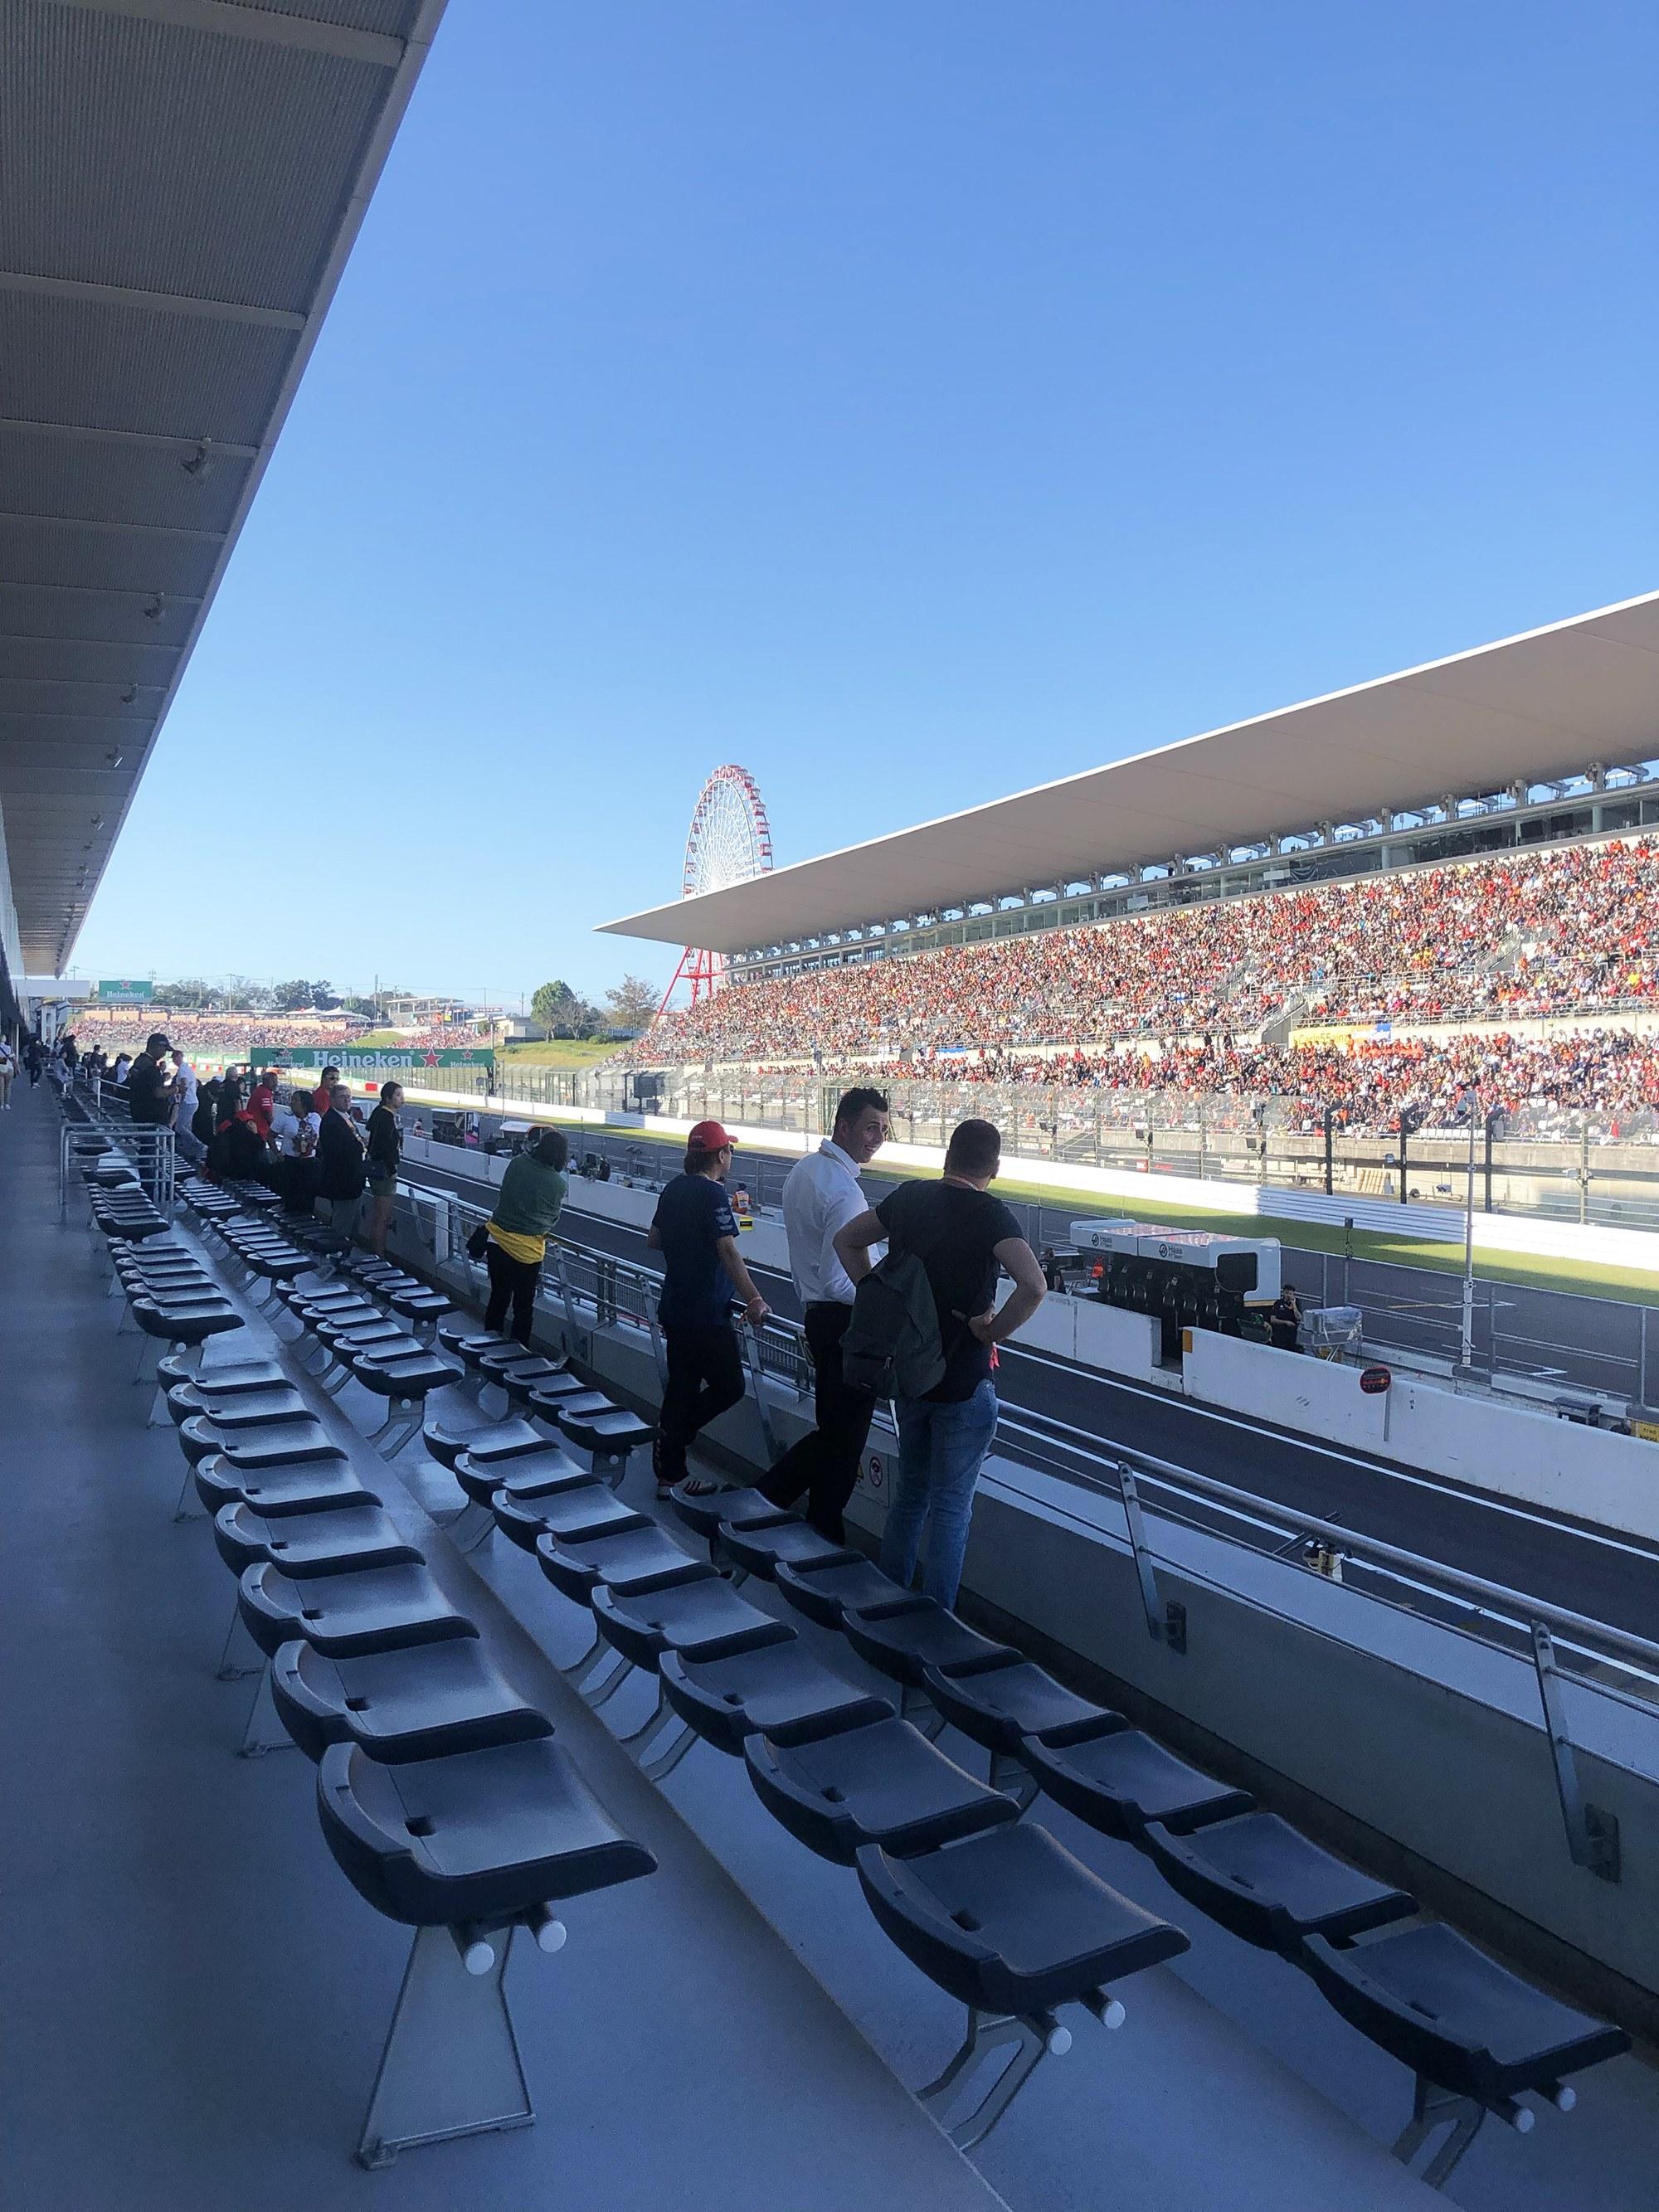 「 2019 F1日本グランプリ」に大興奮!──タグ・ホイヤーとF1観戦